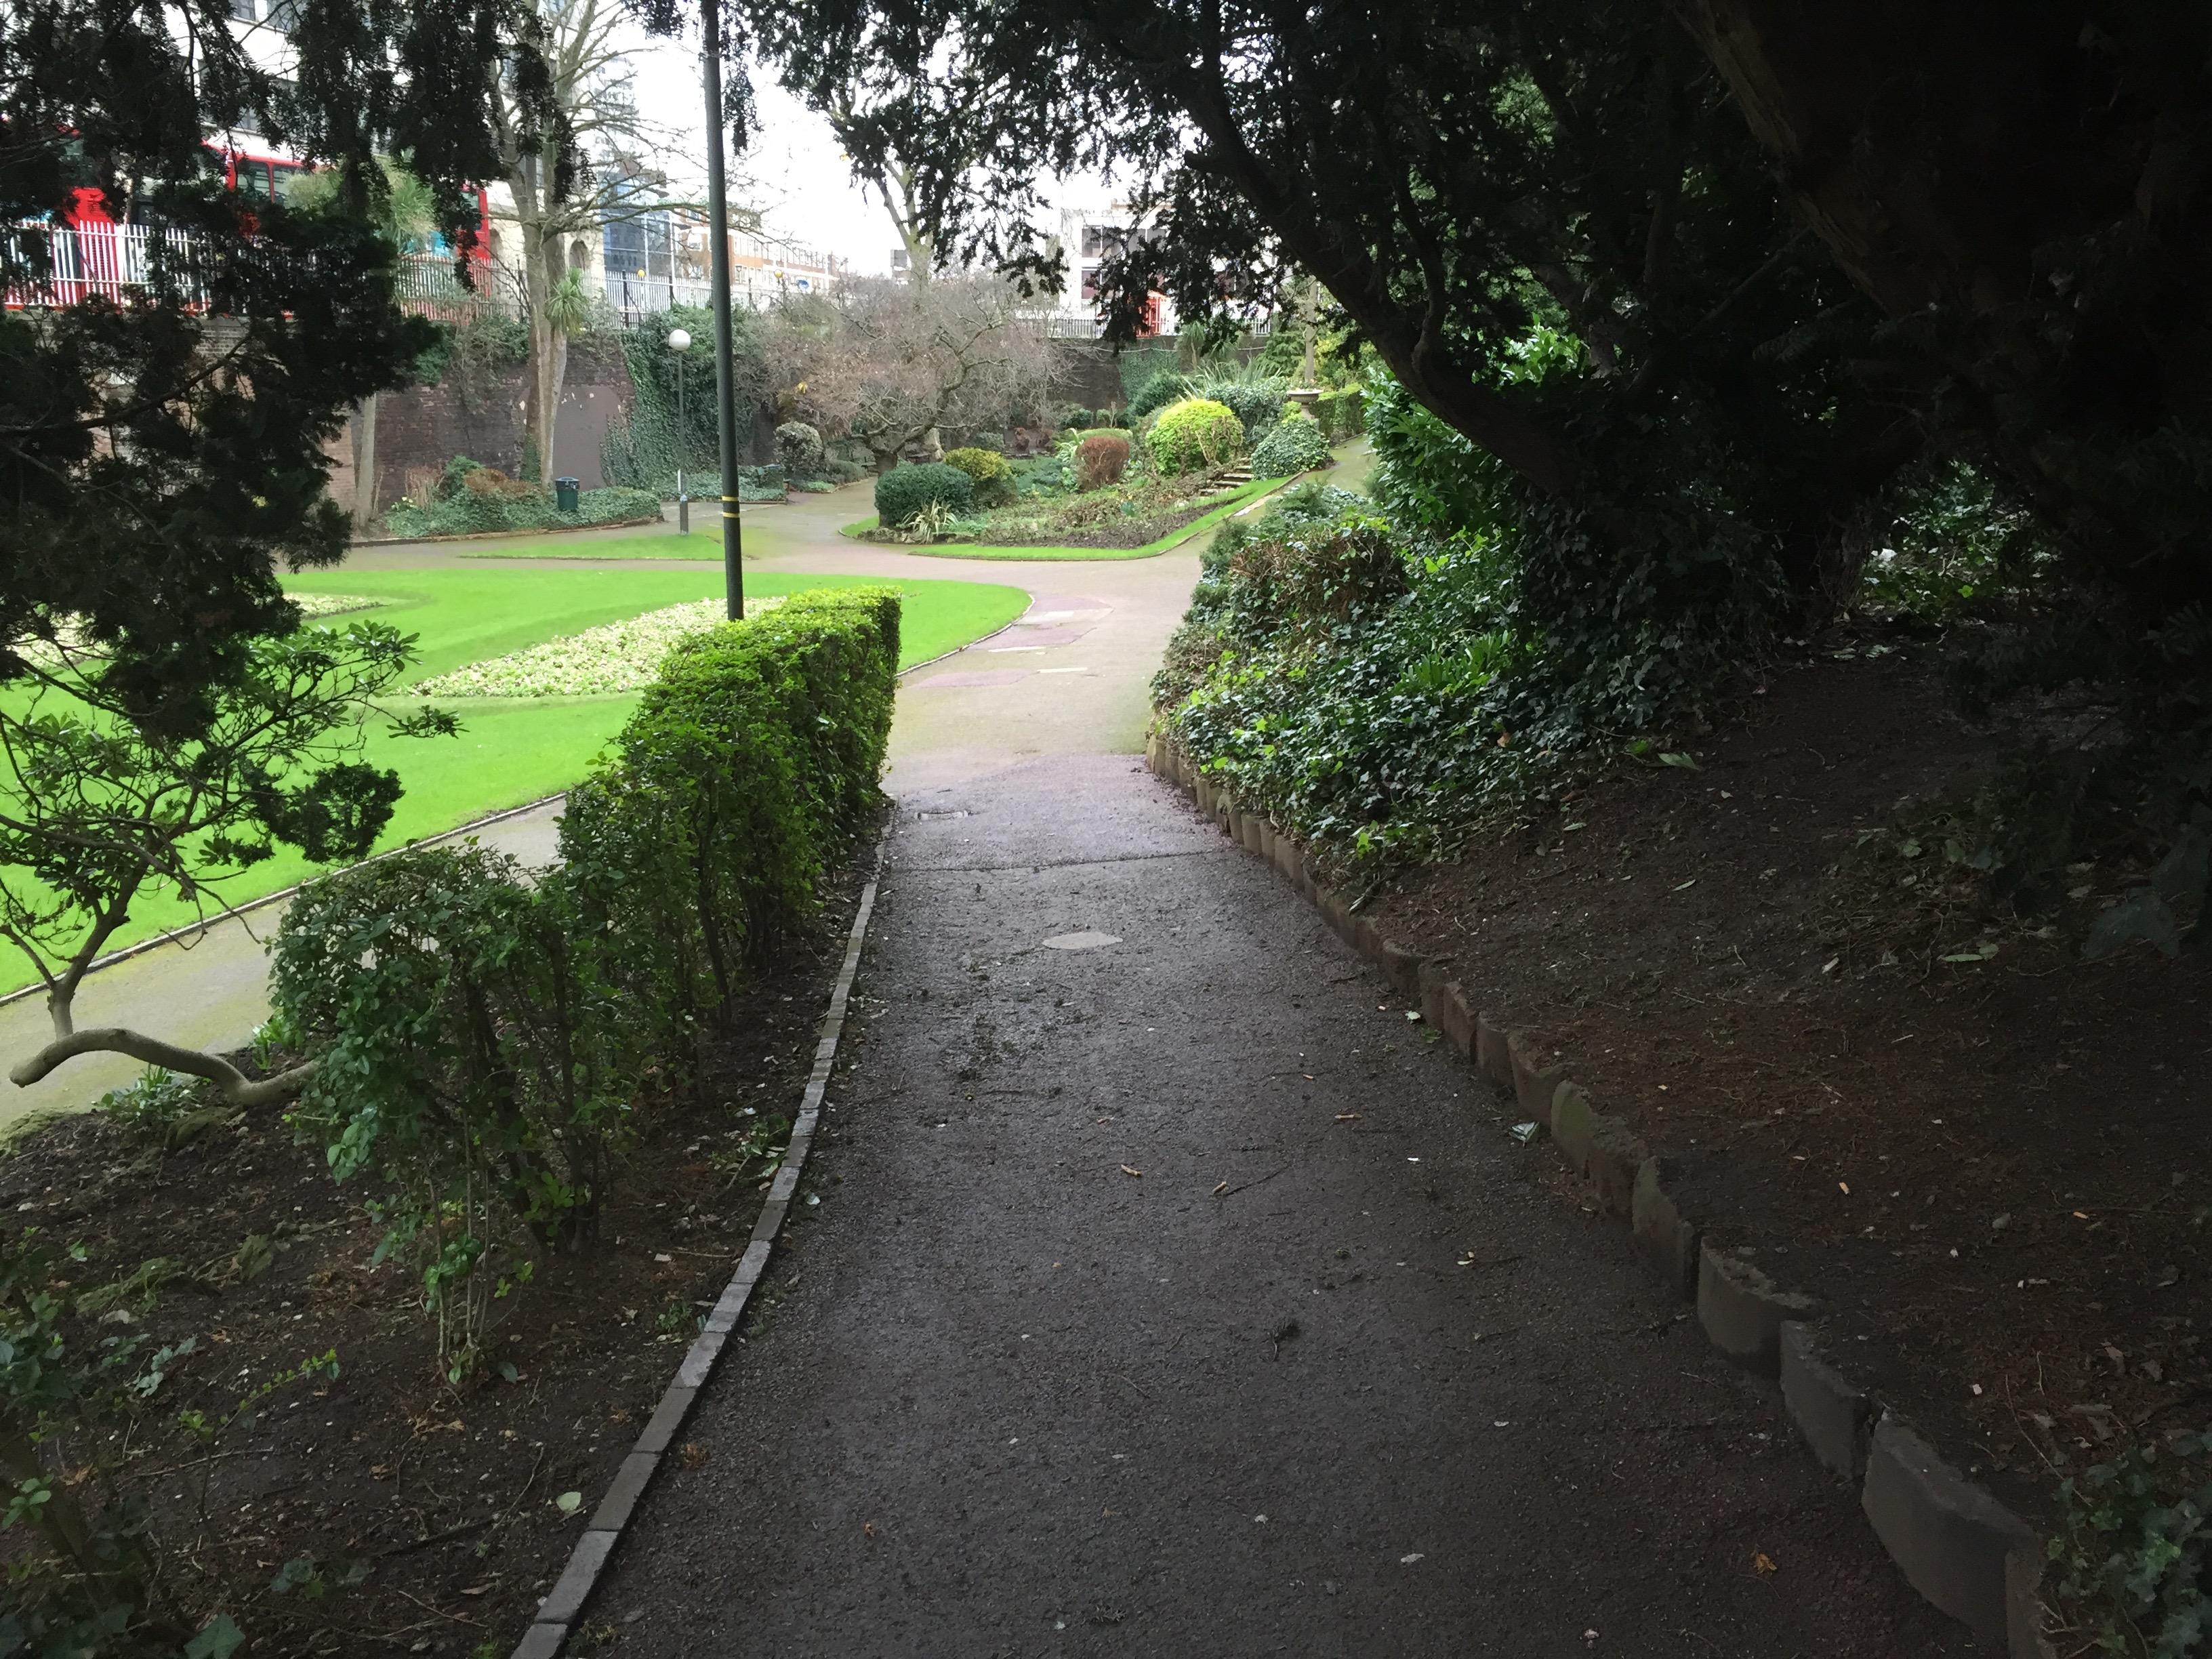 Croydon's own secret garden... next to a carriageway